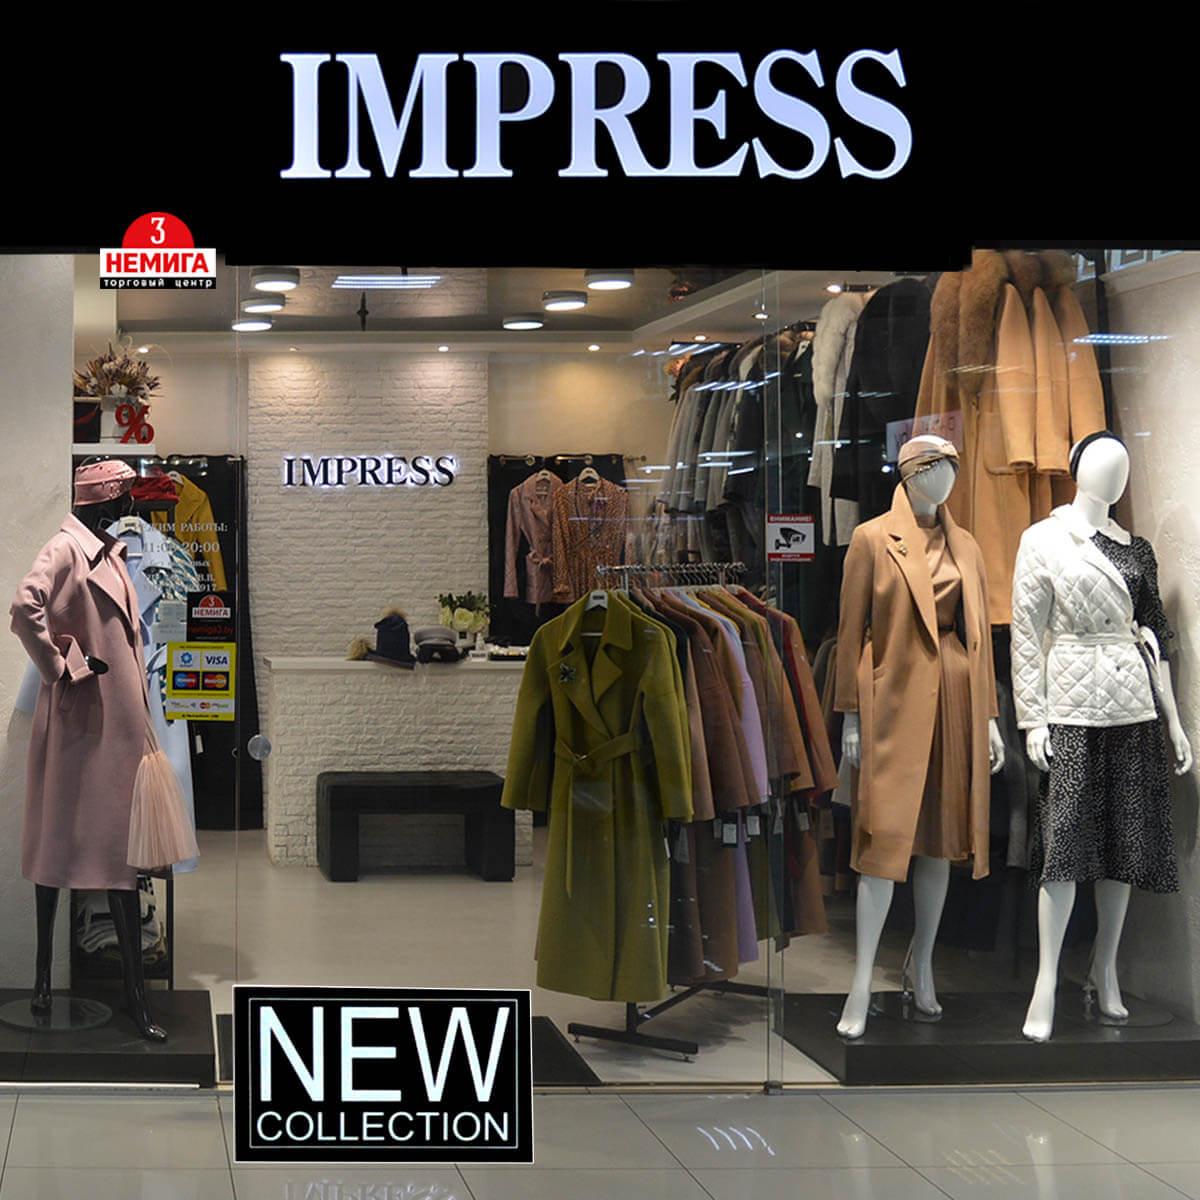 НОВАЯ коллекция модных новинок женской одежды в «IMPRESS» - Торговый Центр «Немига 3»